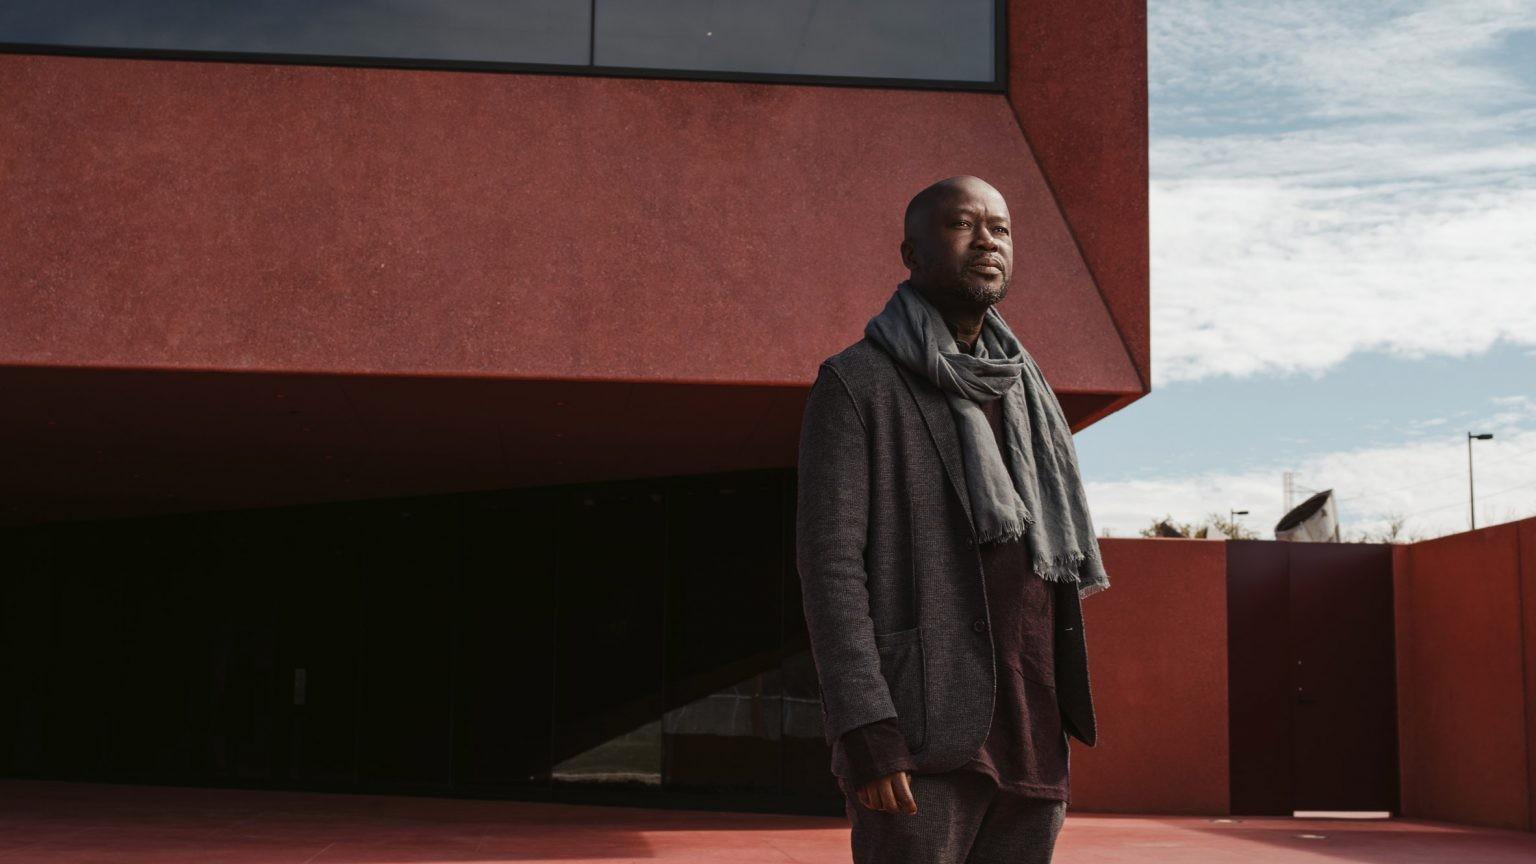 O arquiteto britânico-ganês é o 1º preto a conquistar medalha de ouro no prêmio do RIBA (Foto: Reprodução / Josh Huskin)